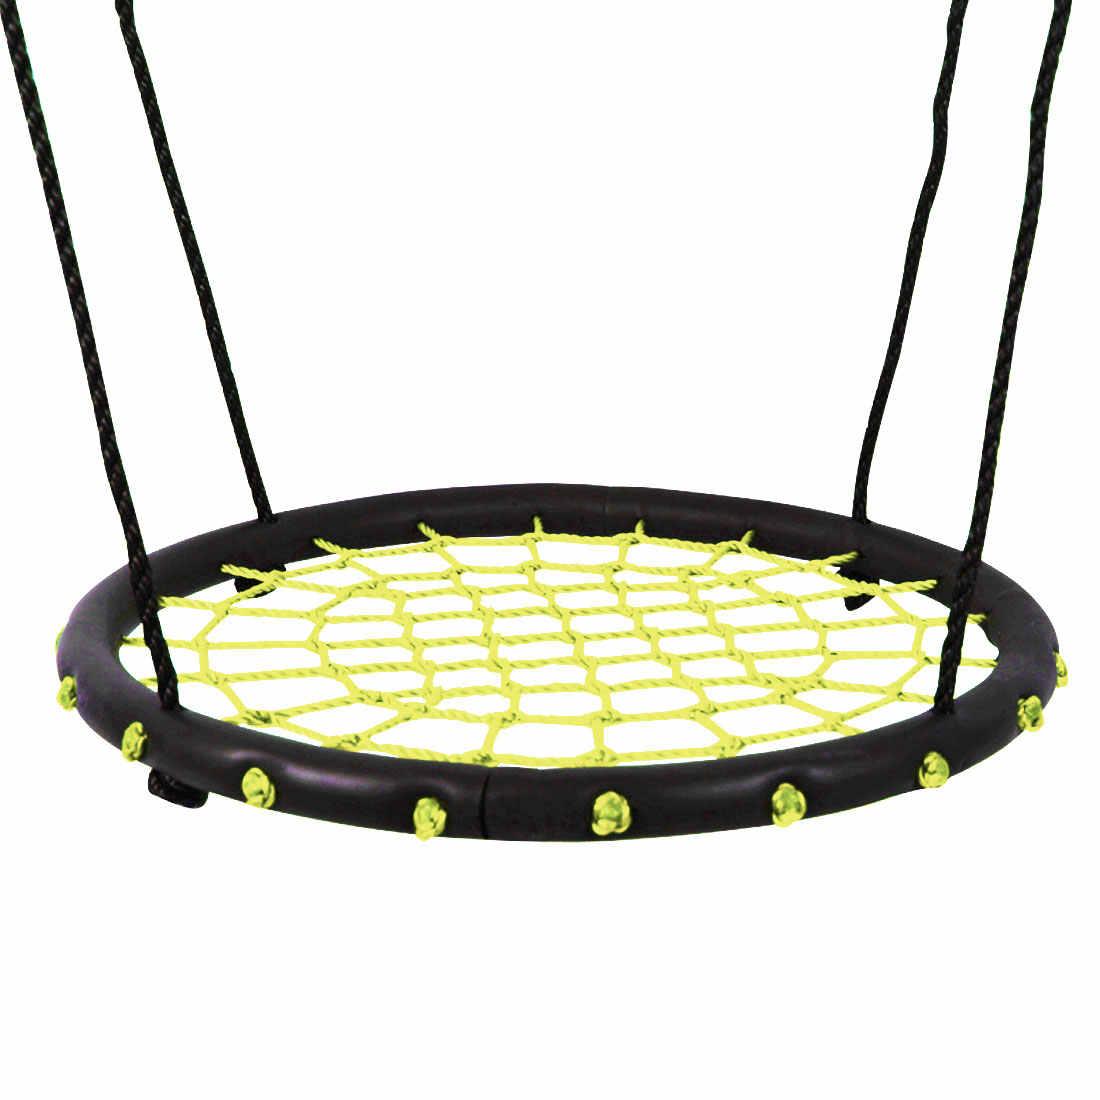 Dla dzieci okrągły gniazdo gniazdo huśtawka wewnątrz i na zewnątrz wieszak dzieci netto liny Stout huśtawka zabawki dla dzieci łożysko 200 Kg średnica 60cm